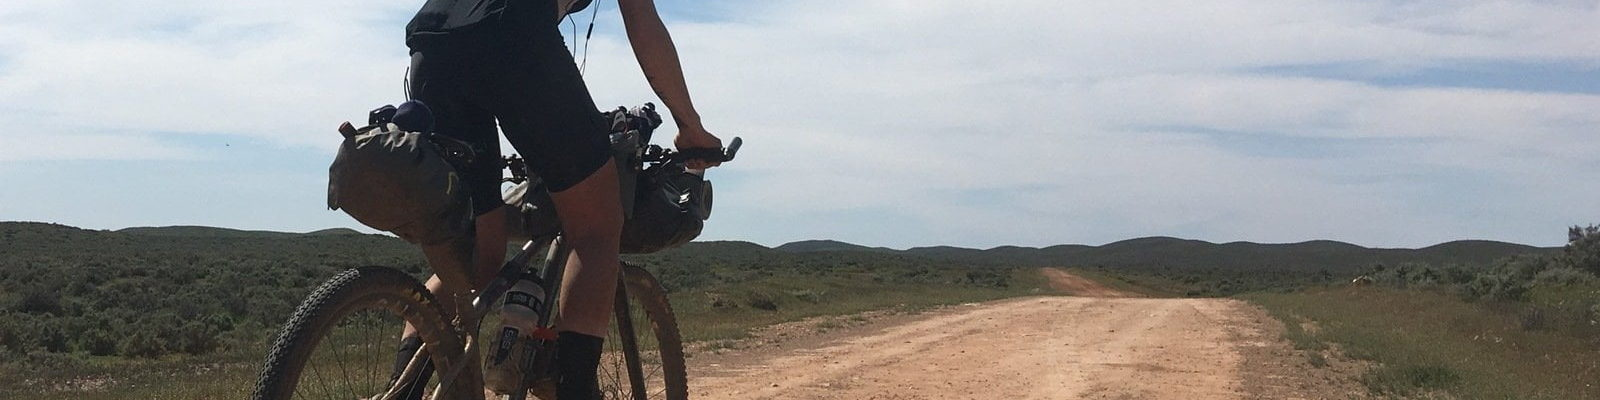 SarahUPROCK_R2TR_CyclingTips